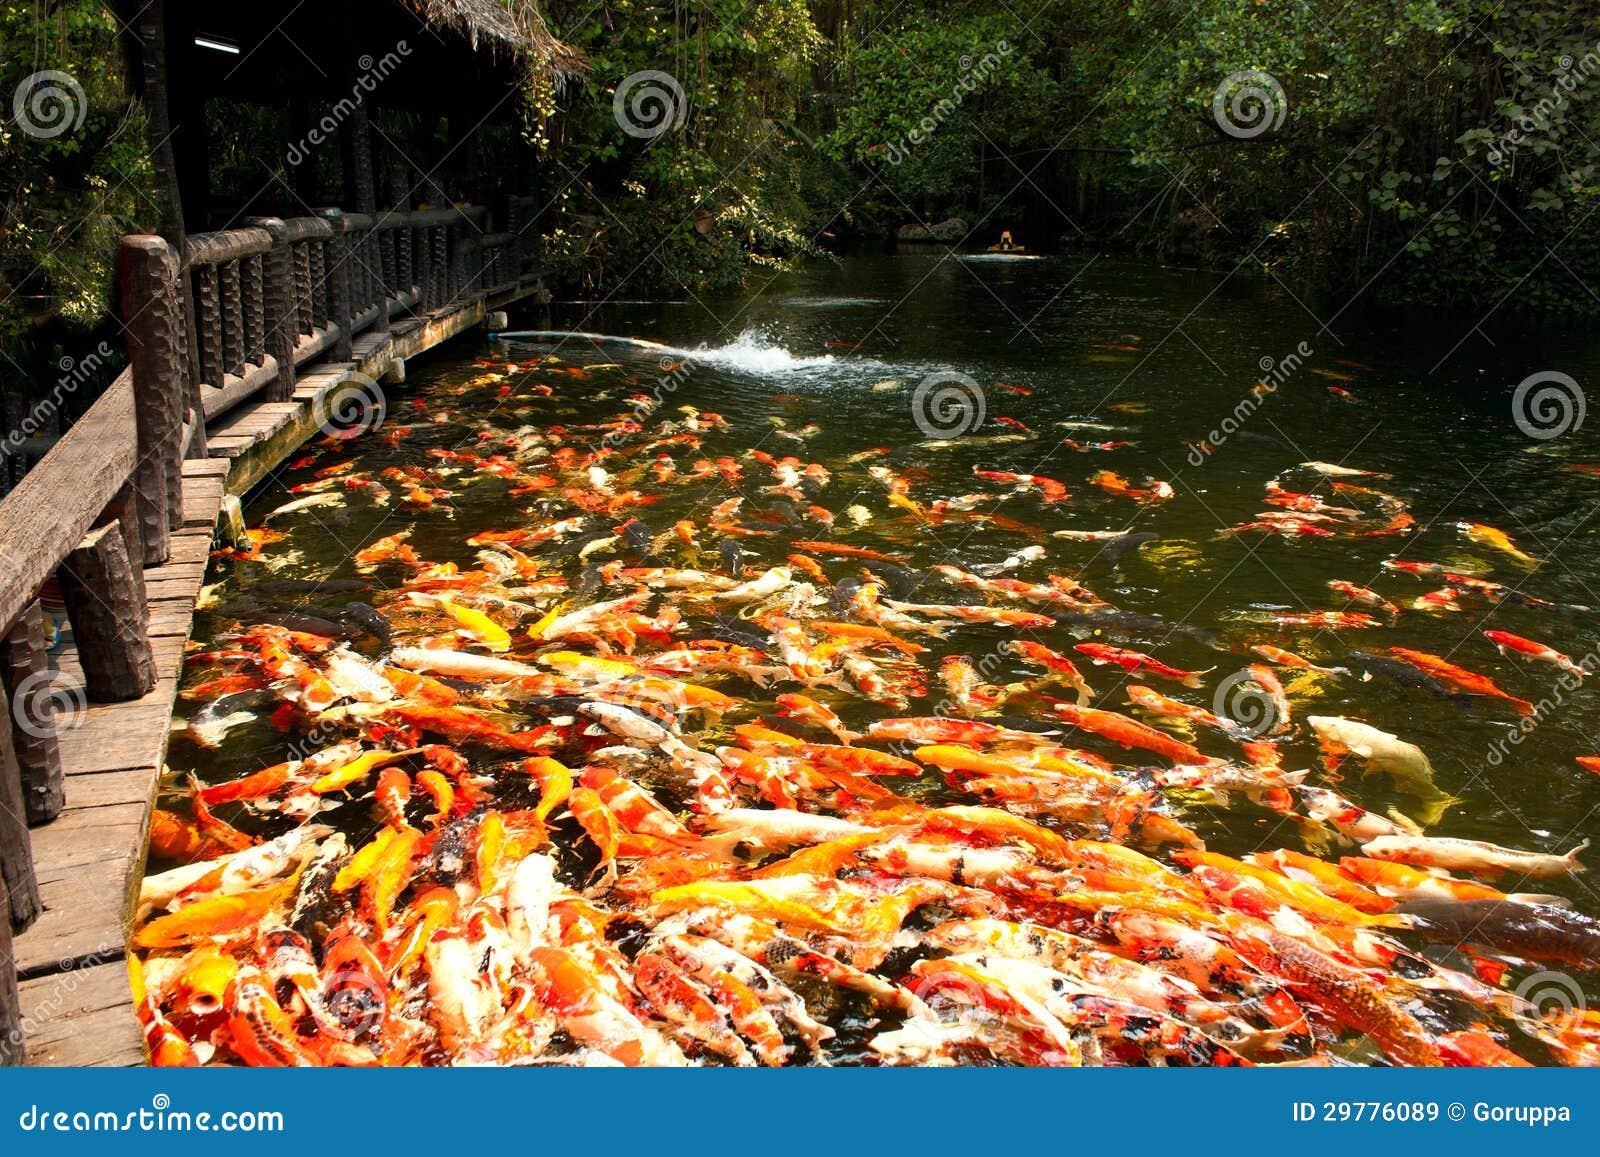 Poissons de koi dans l 39 tang au jardin images libres de for Achat poisson etang